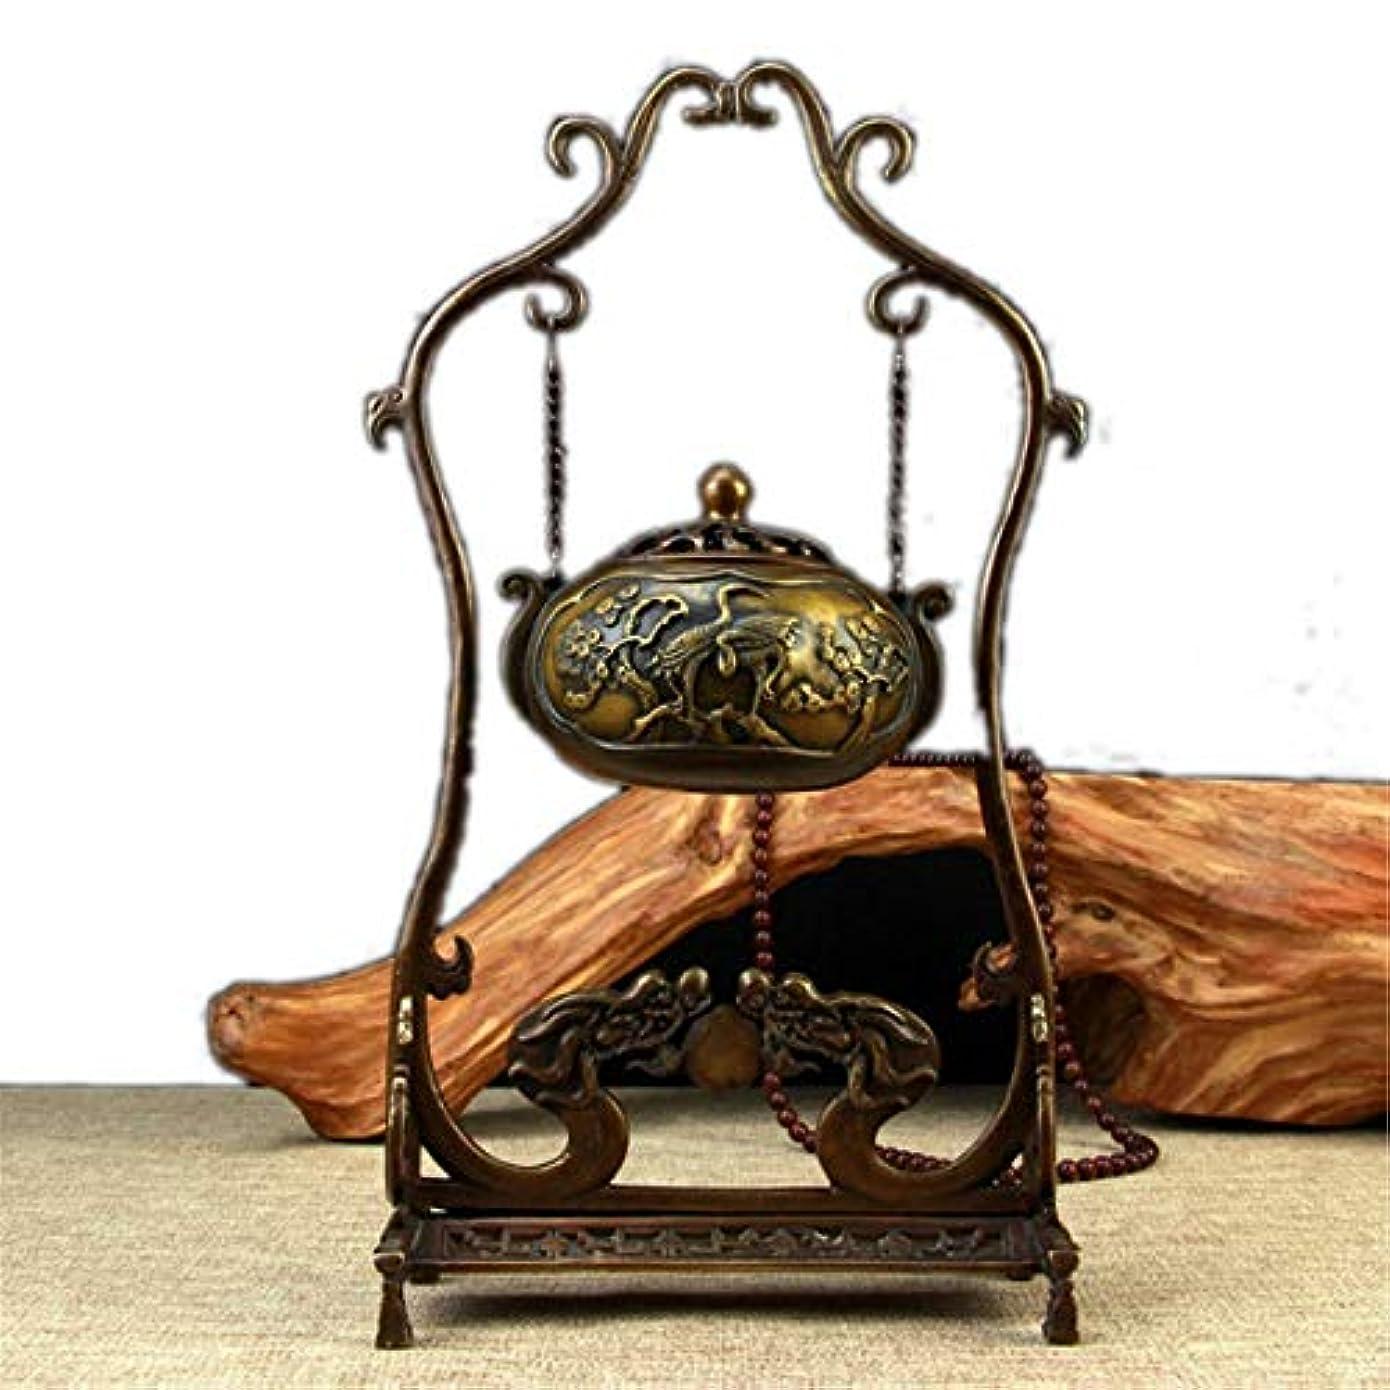 ヘクタールマーチャンダイジング排他的香炉の煙の逆流亜鉛合金香炉の円錐形のホールダー、家の芳香の付属品は家、オフィス、喫茶店、瞑想、ヨガ等のために適した